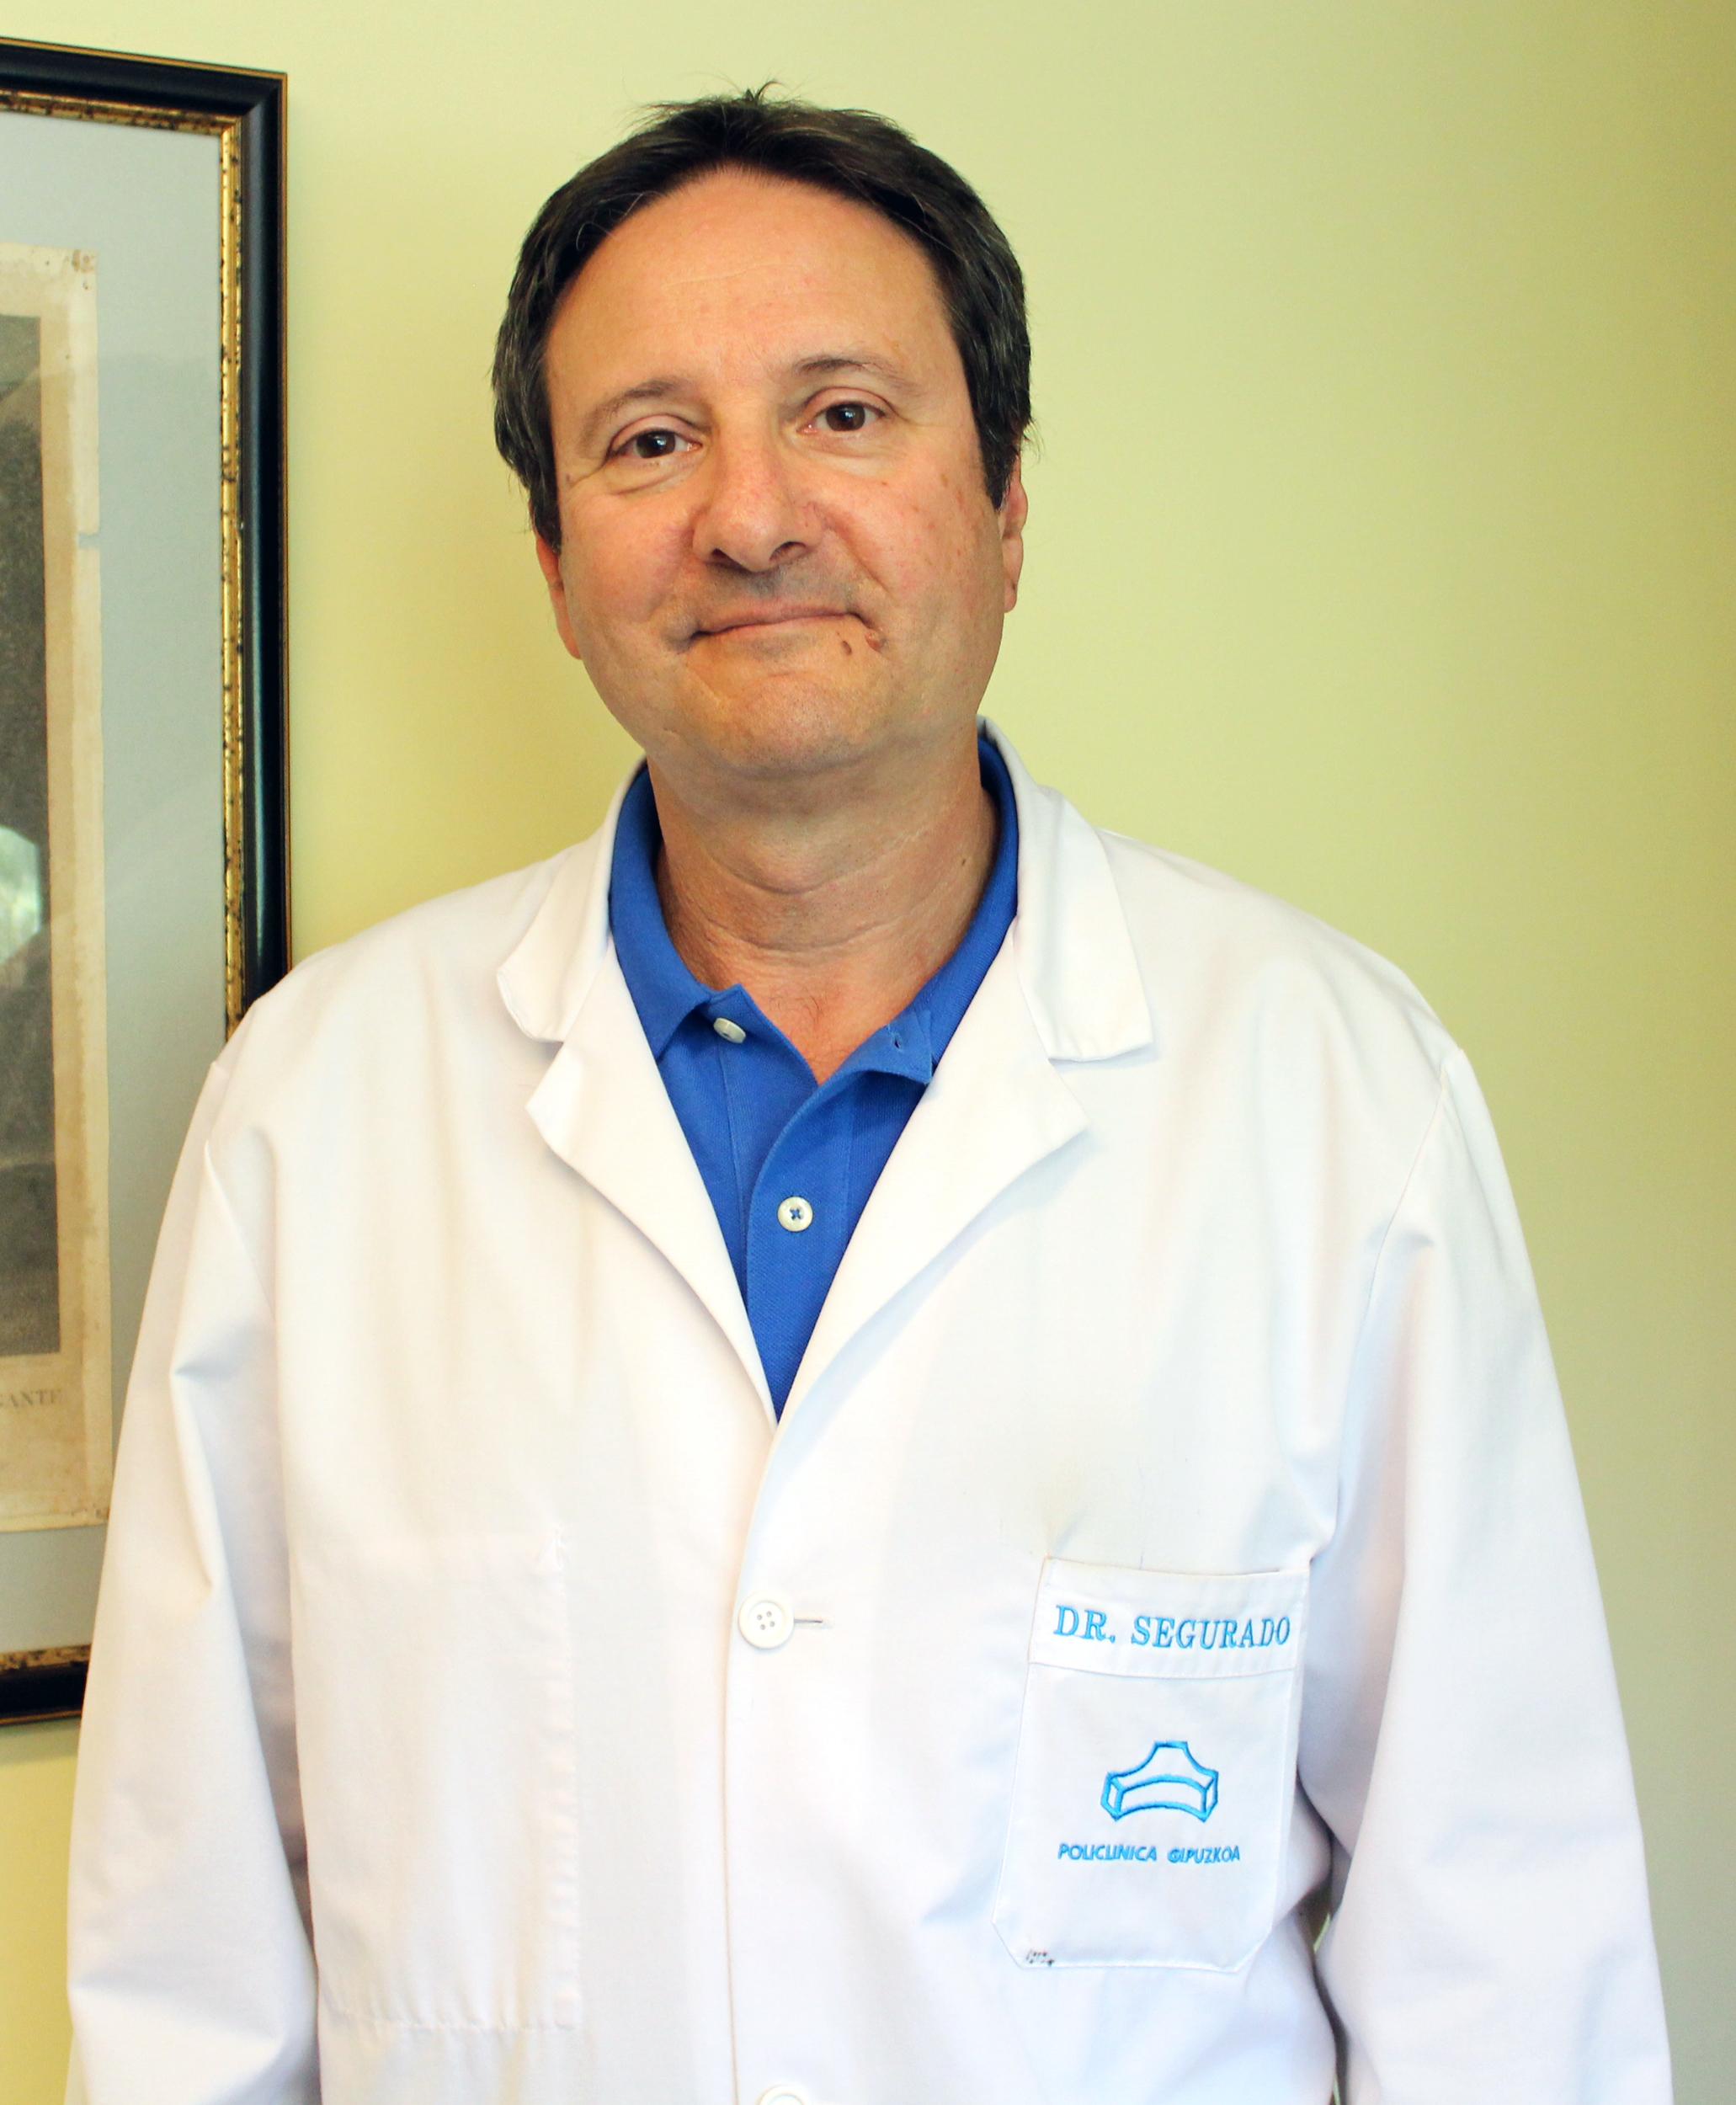 Dr.Segurado